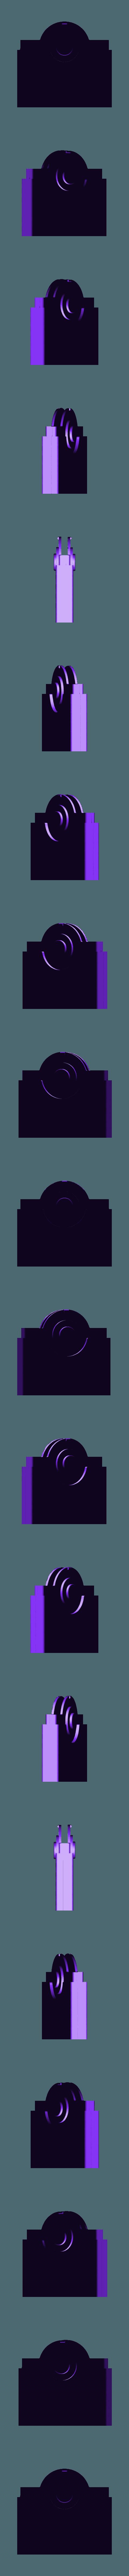 final_small_box_bottom.stl Télécharger fichier STL gratuit Boîte d'appoint Pokemon TCG Booster Box • Objet à imprimer en 3D, jvanier